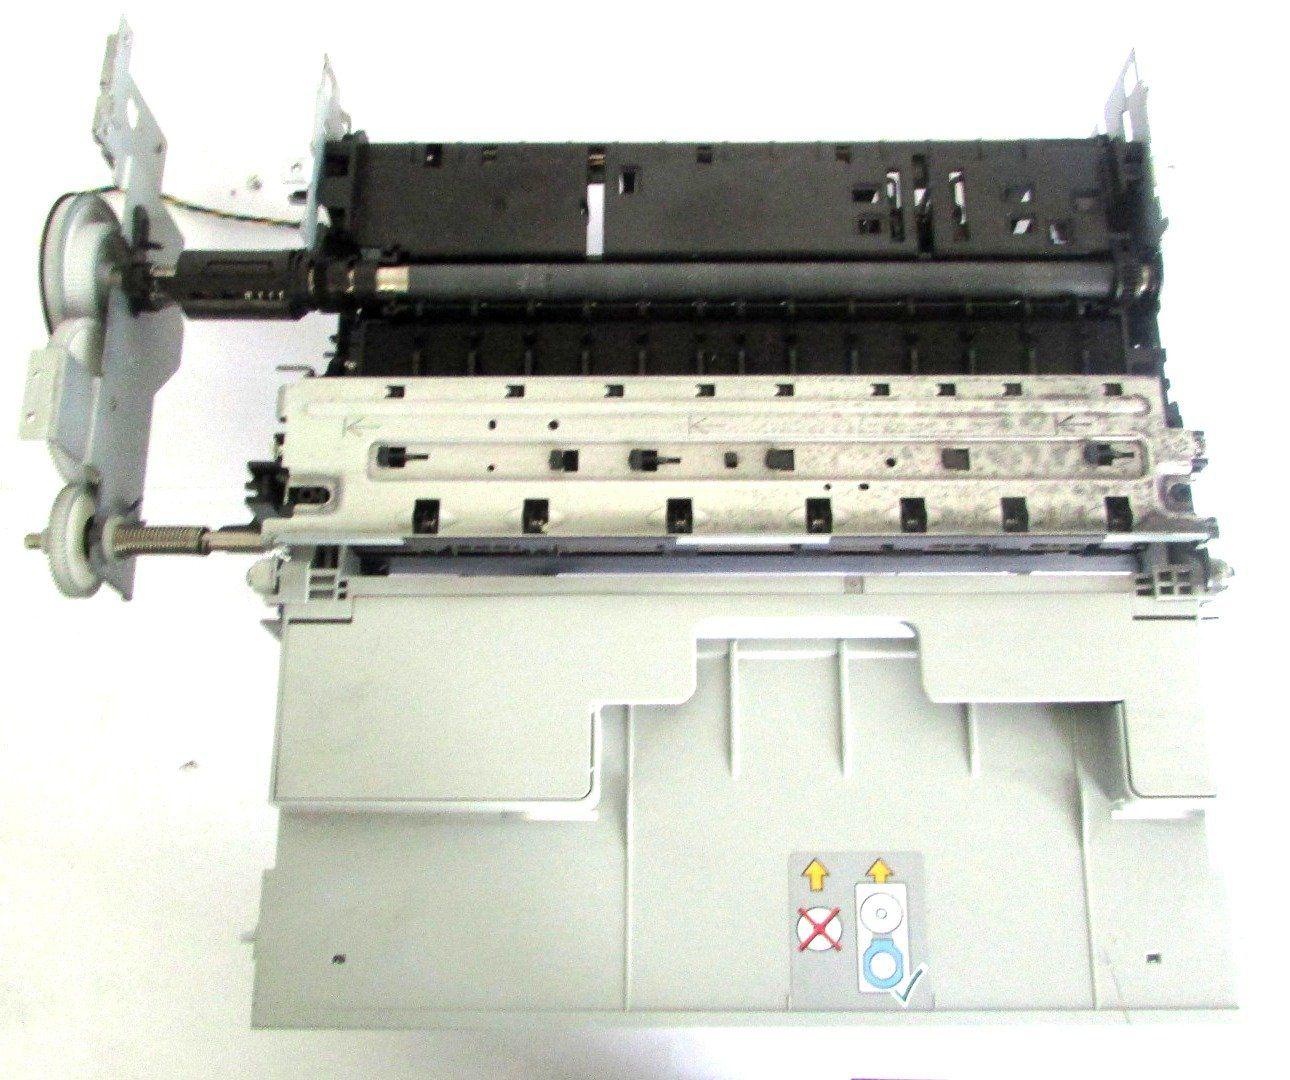 Mecanismo De Impressão HP Photosmart C5280 (semi novo)